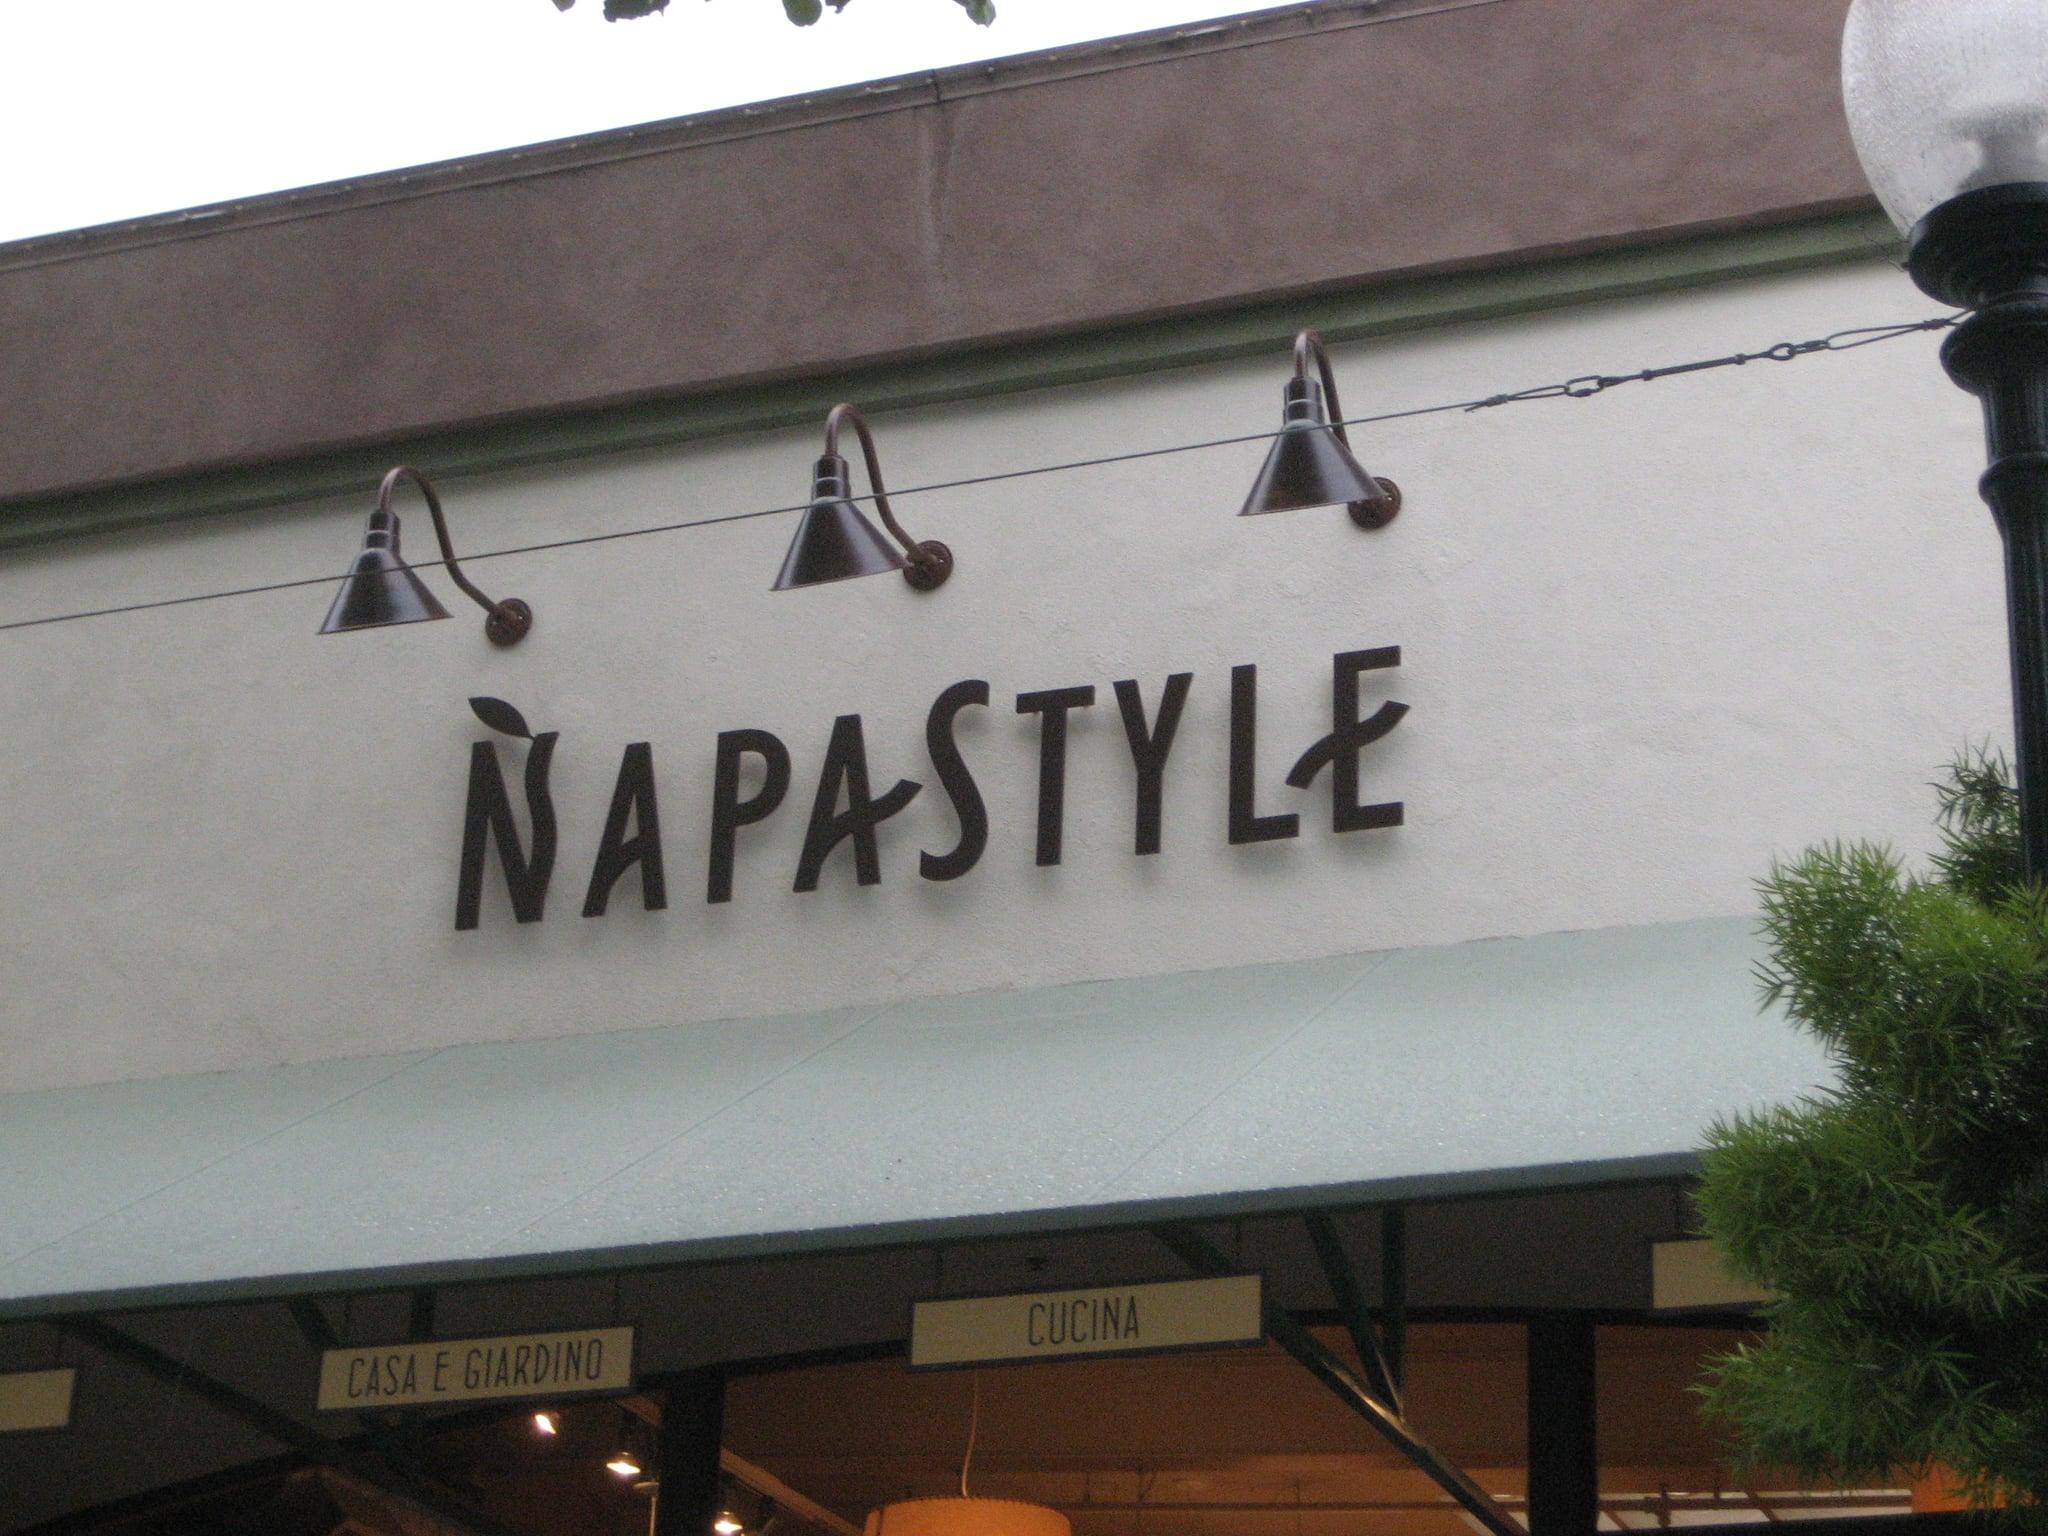 Discover Your Napastyle With Michael Chiarello